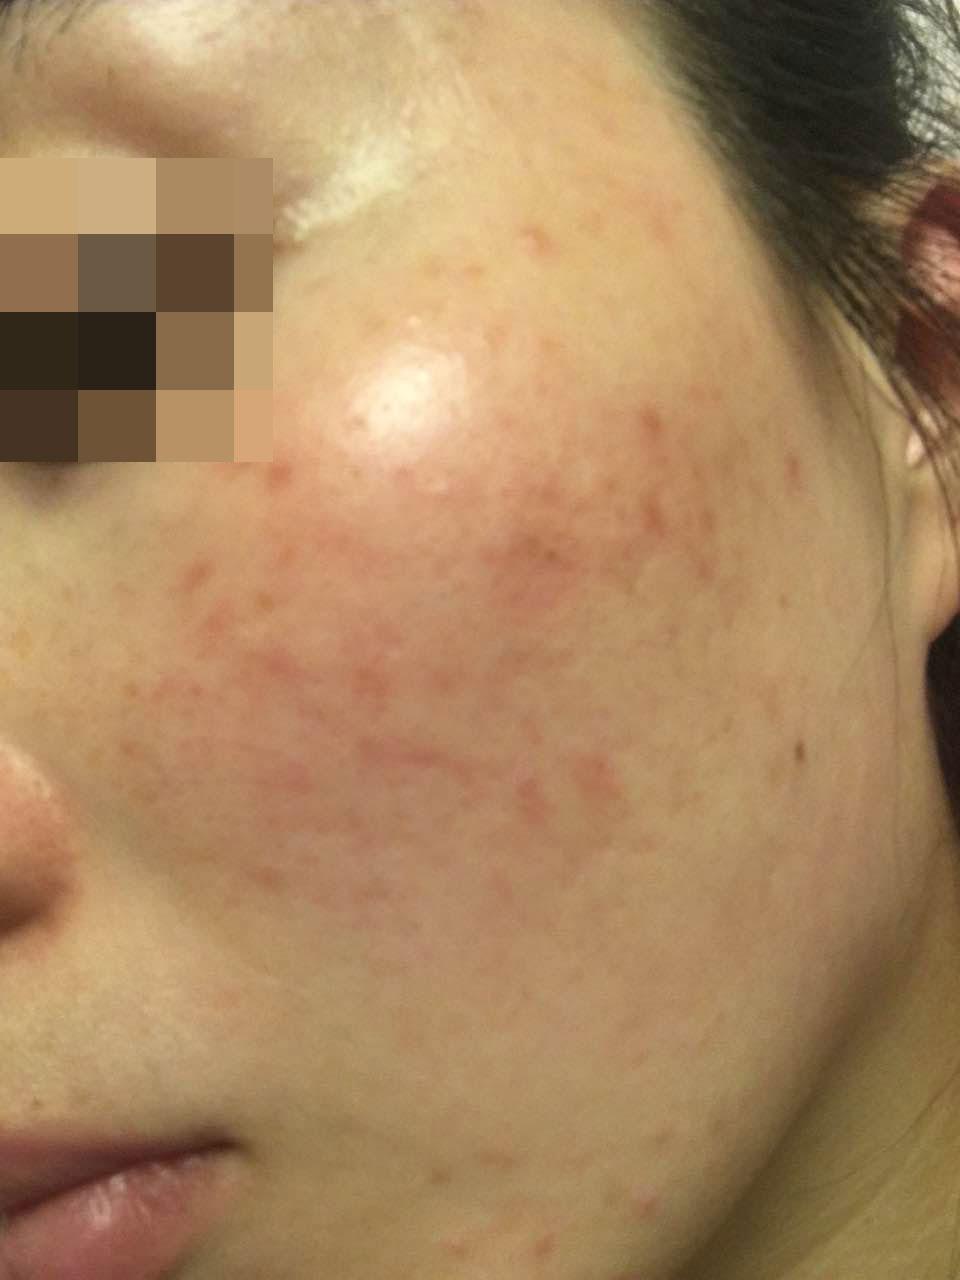 女人的脸部过敏红痒怎么自救呢